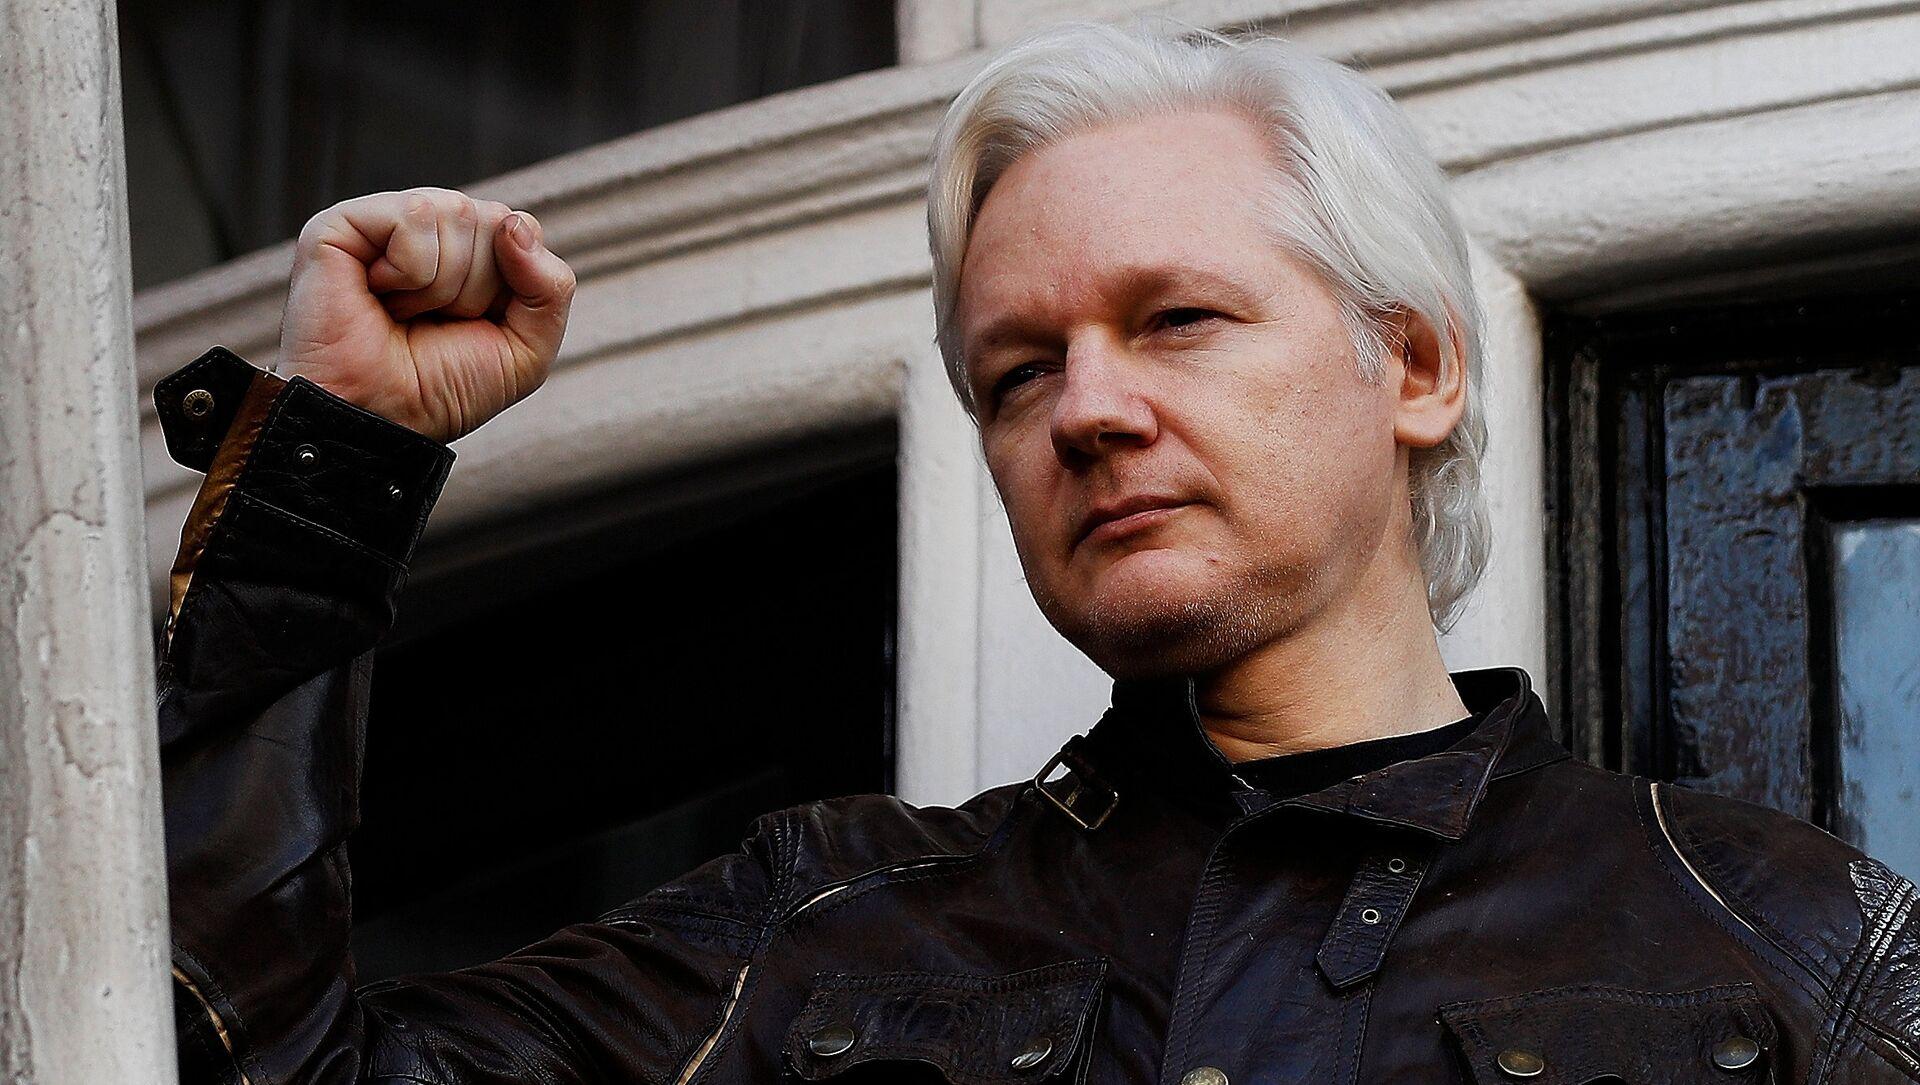 WikiLeaks founder Julian Assange is seen on the balcony of the Ecuadorian Embassy in London, Britain, May 19, 2017 - Sputnik International, 1920, 29.06.2021